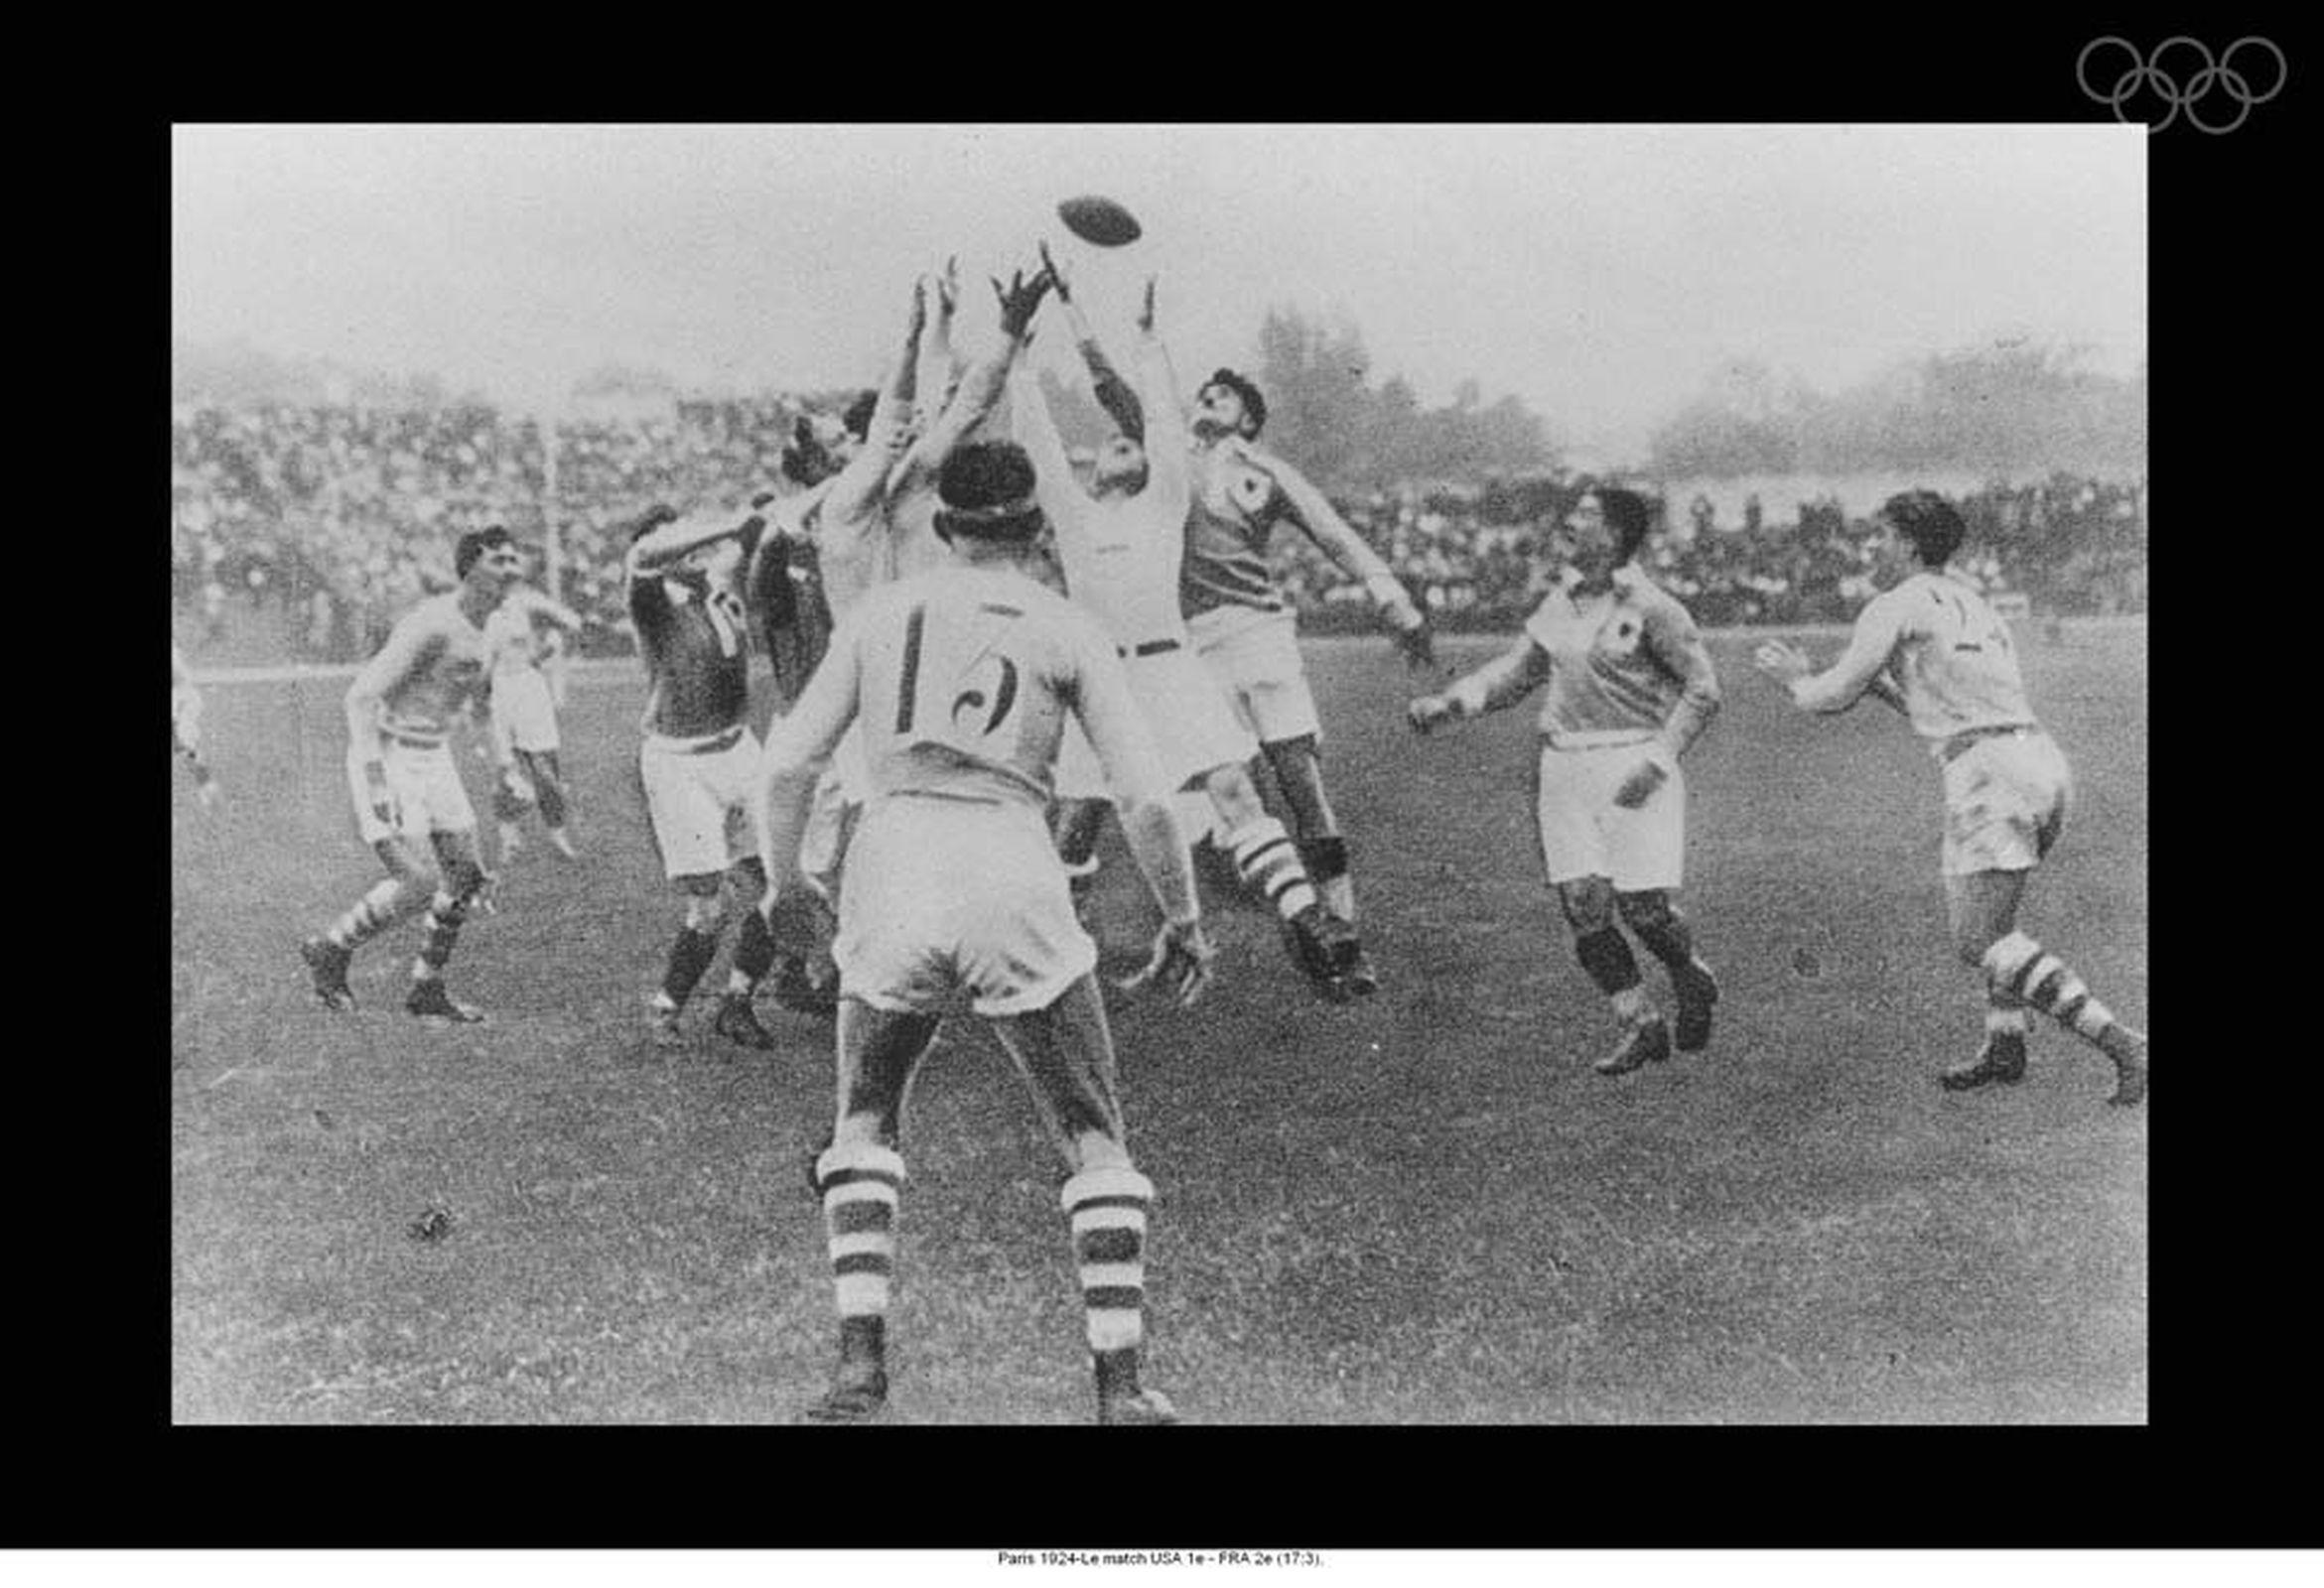 Finale per la medaglia d'oro nel rugby dell'Olimpiade 1924 a Parigi. Foto: olympic.org